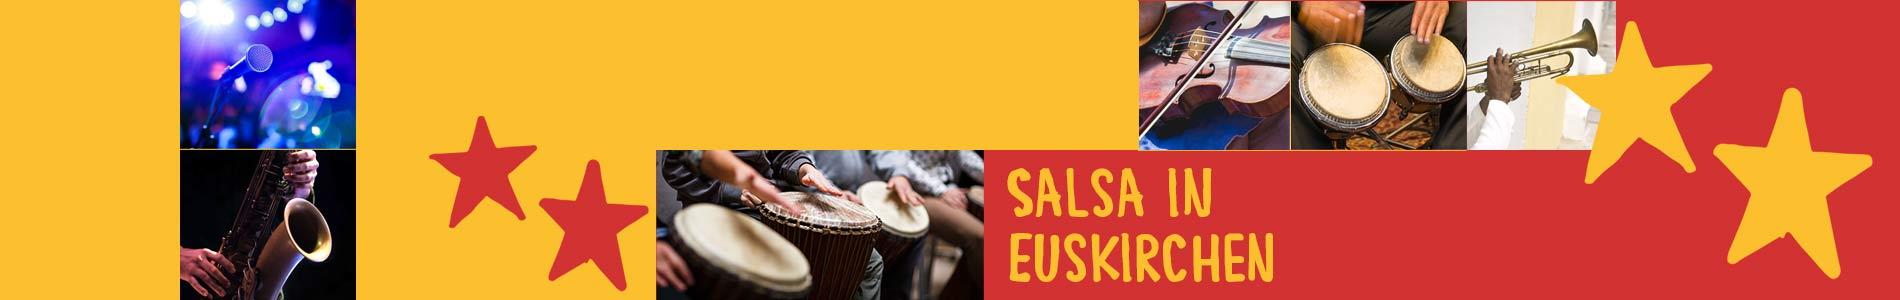 Salsa in Euskirchen – Salsa lernen und tanzen, Tanzkurse, Partys, Veranstaltungen